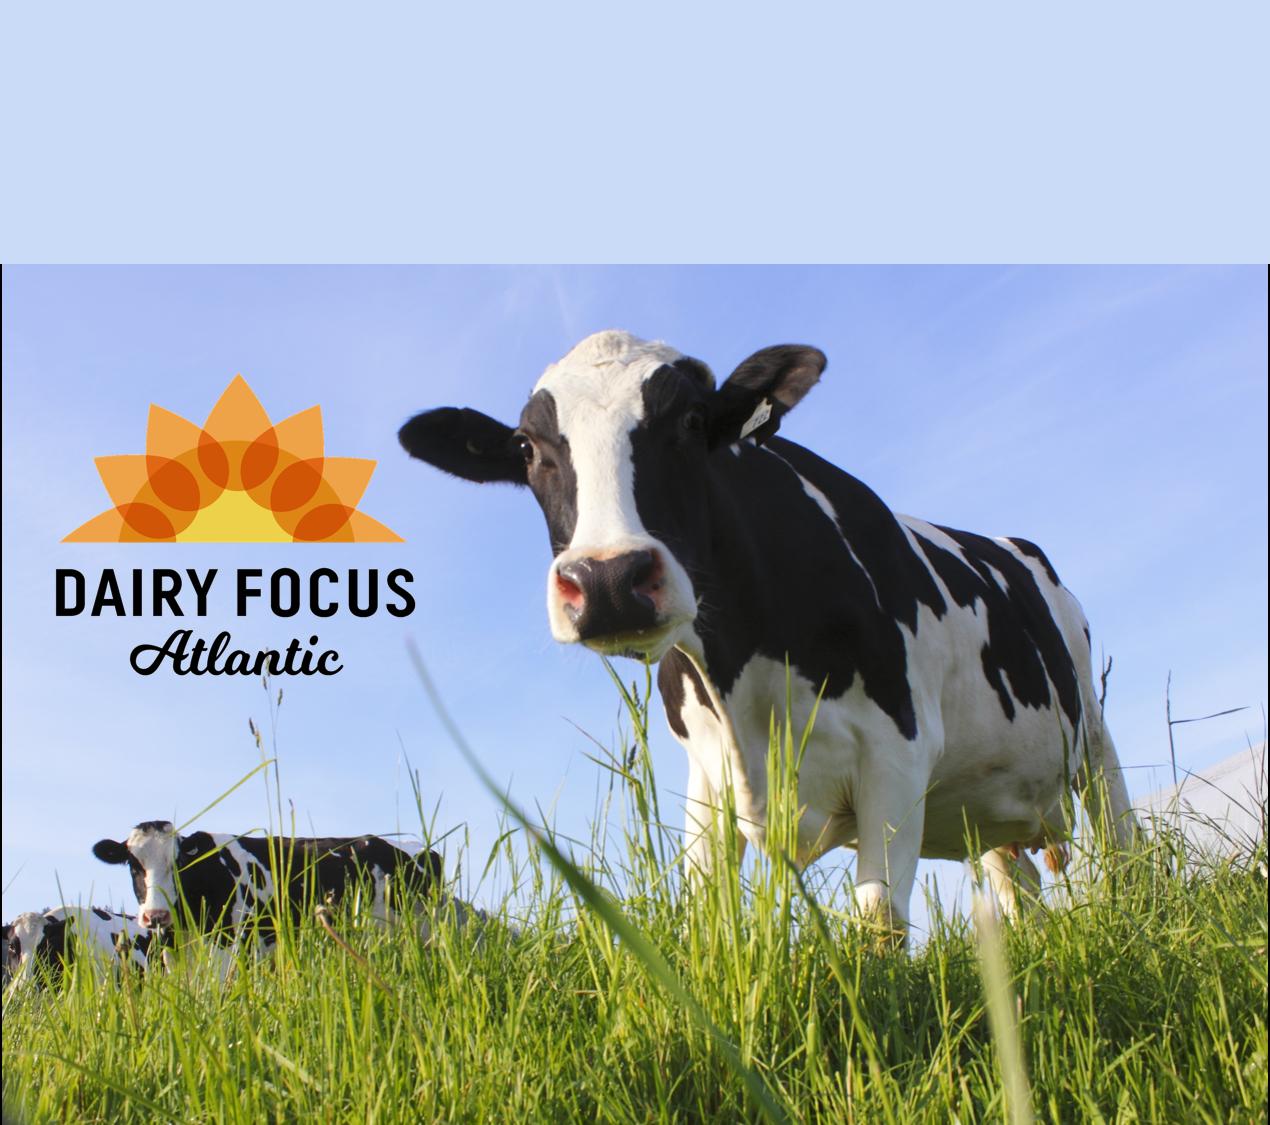 Dairy Focus Atlantic 2018